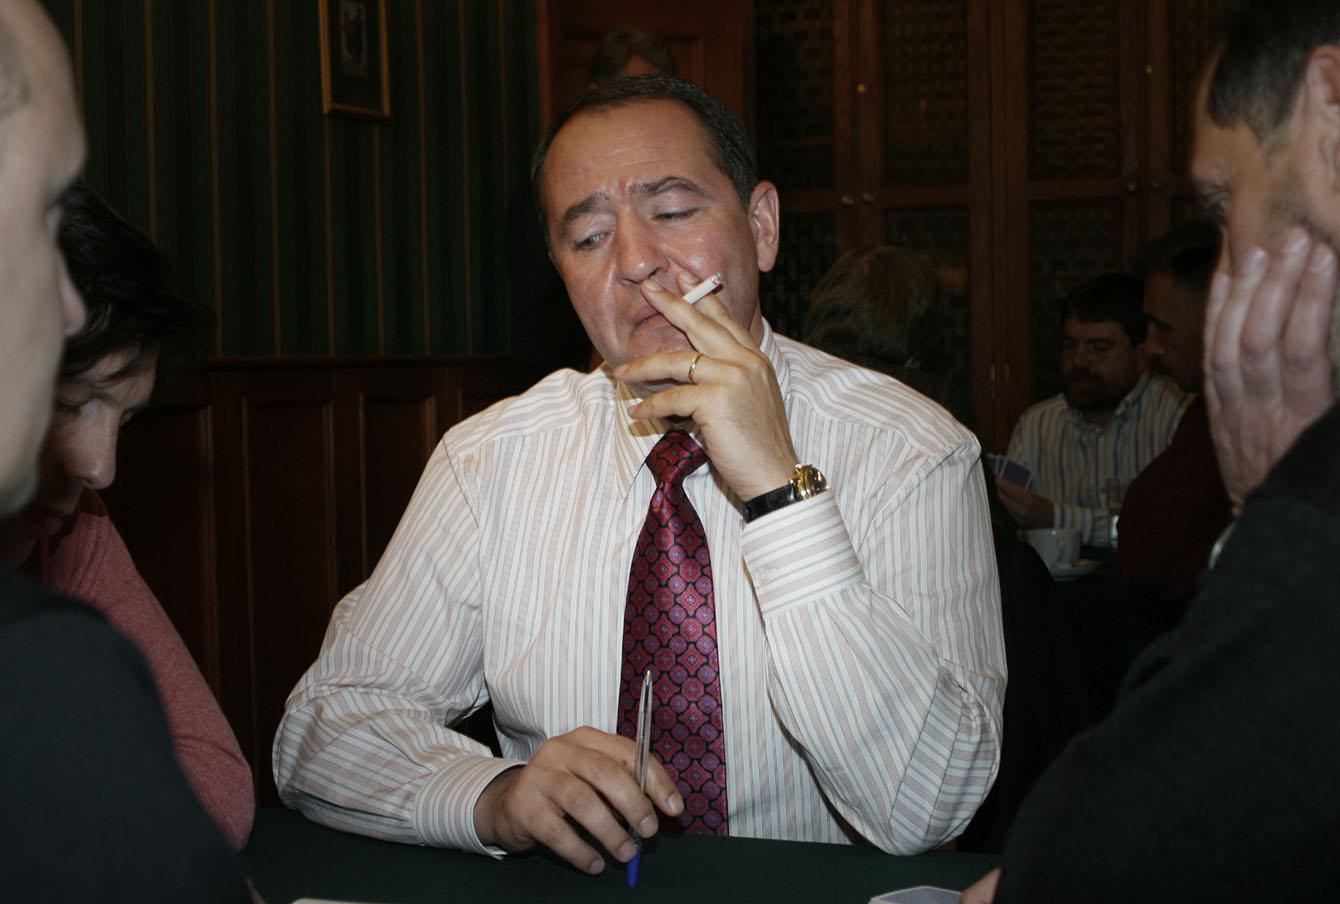 Советник президента Михаил Лесин на покерном турнире в ресторане «Петров-Водкин», 2004 год.